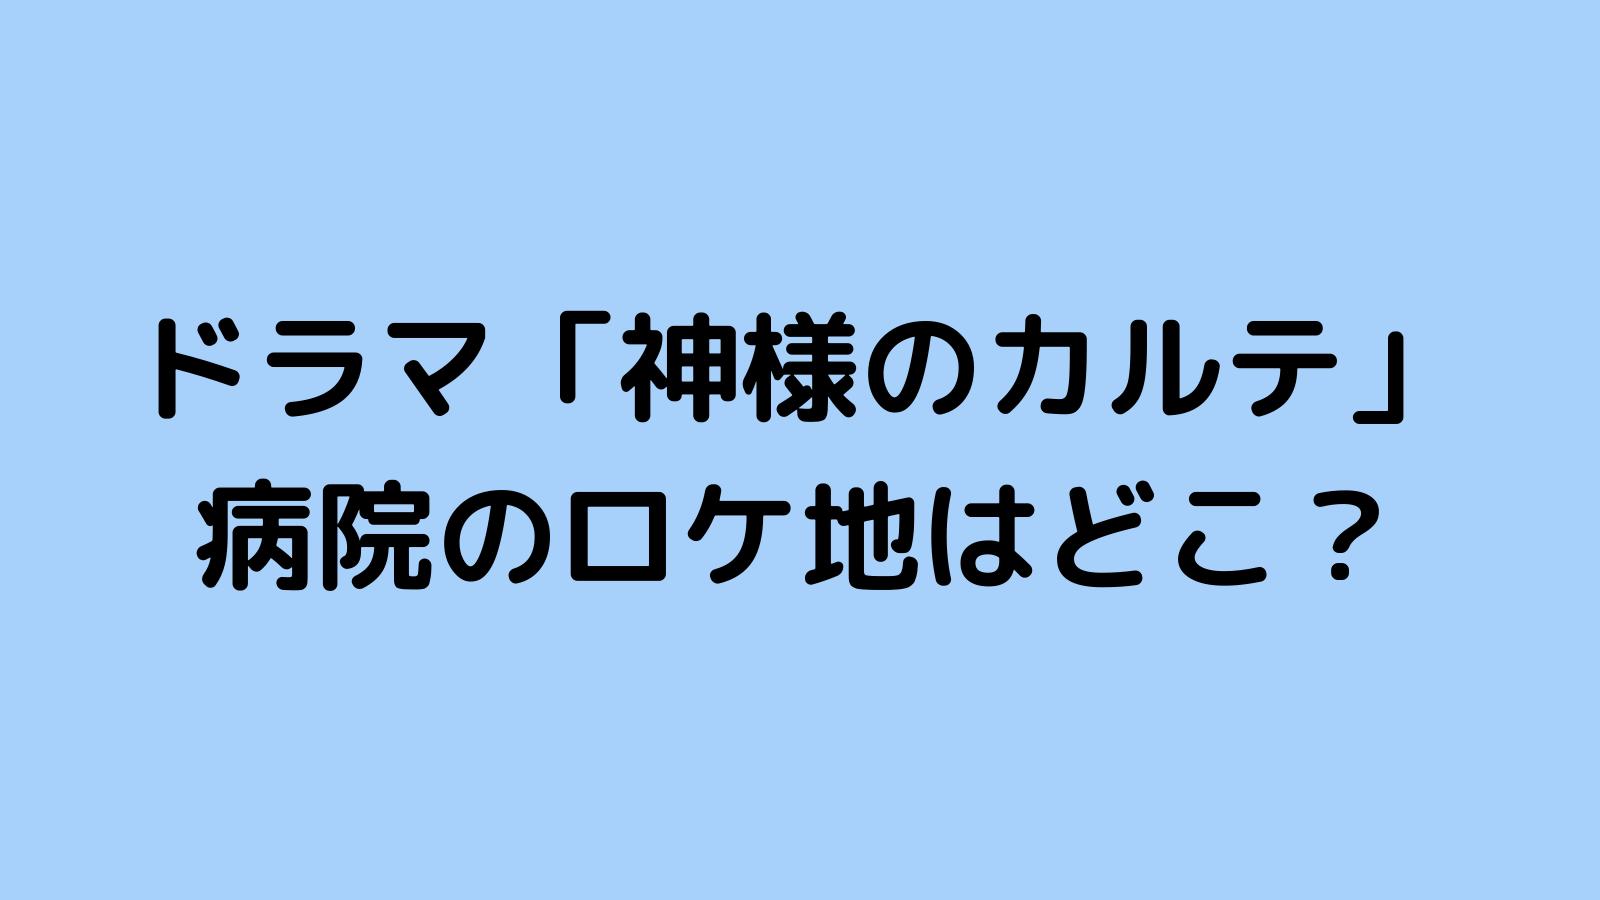 地 なお ちゃん 三 年生 は 小学 ロケ